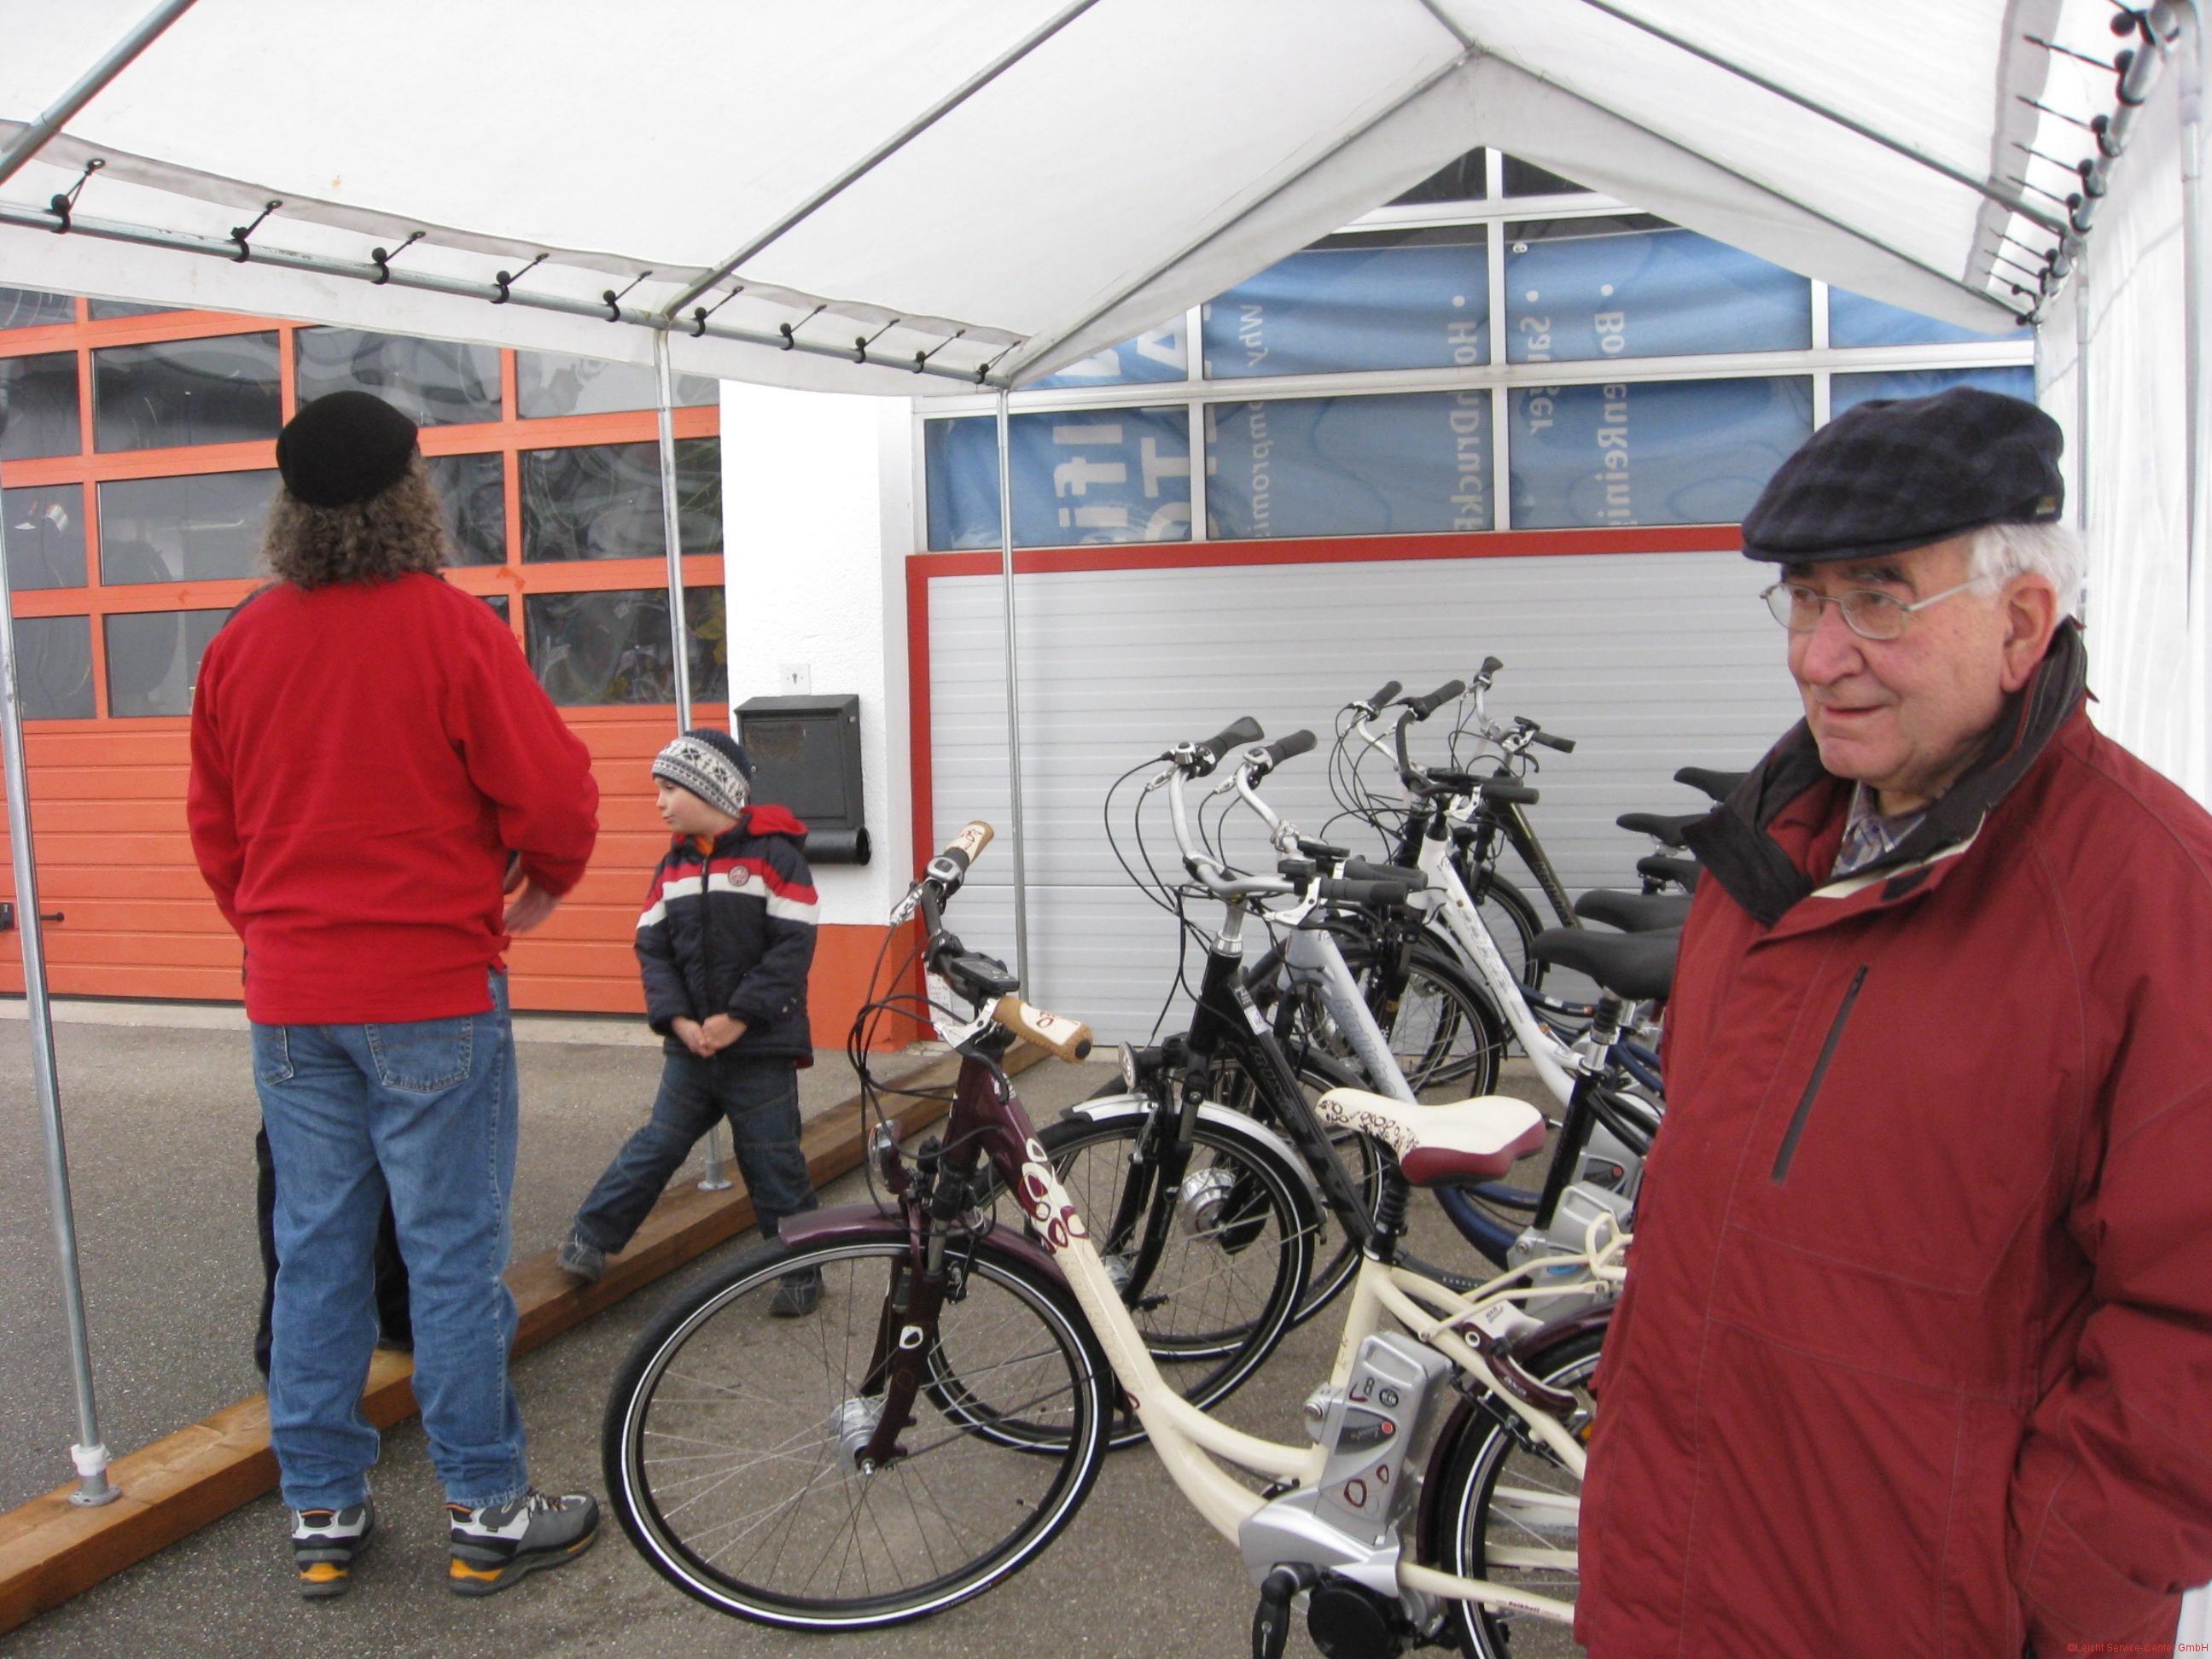 Fahrrad-Sonderschau 2011-03-19 16-15-12